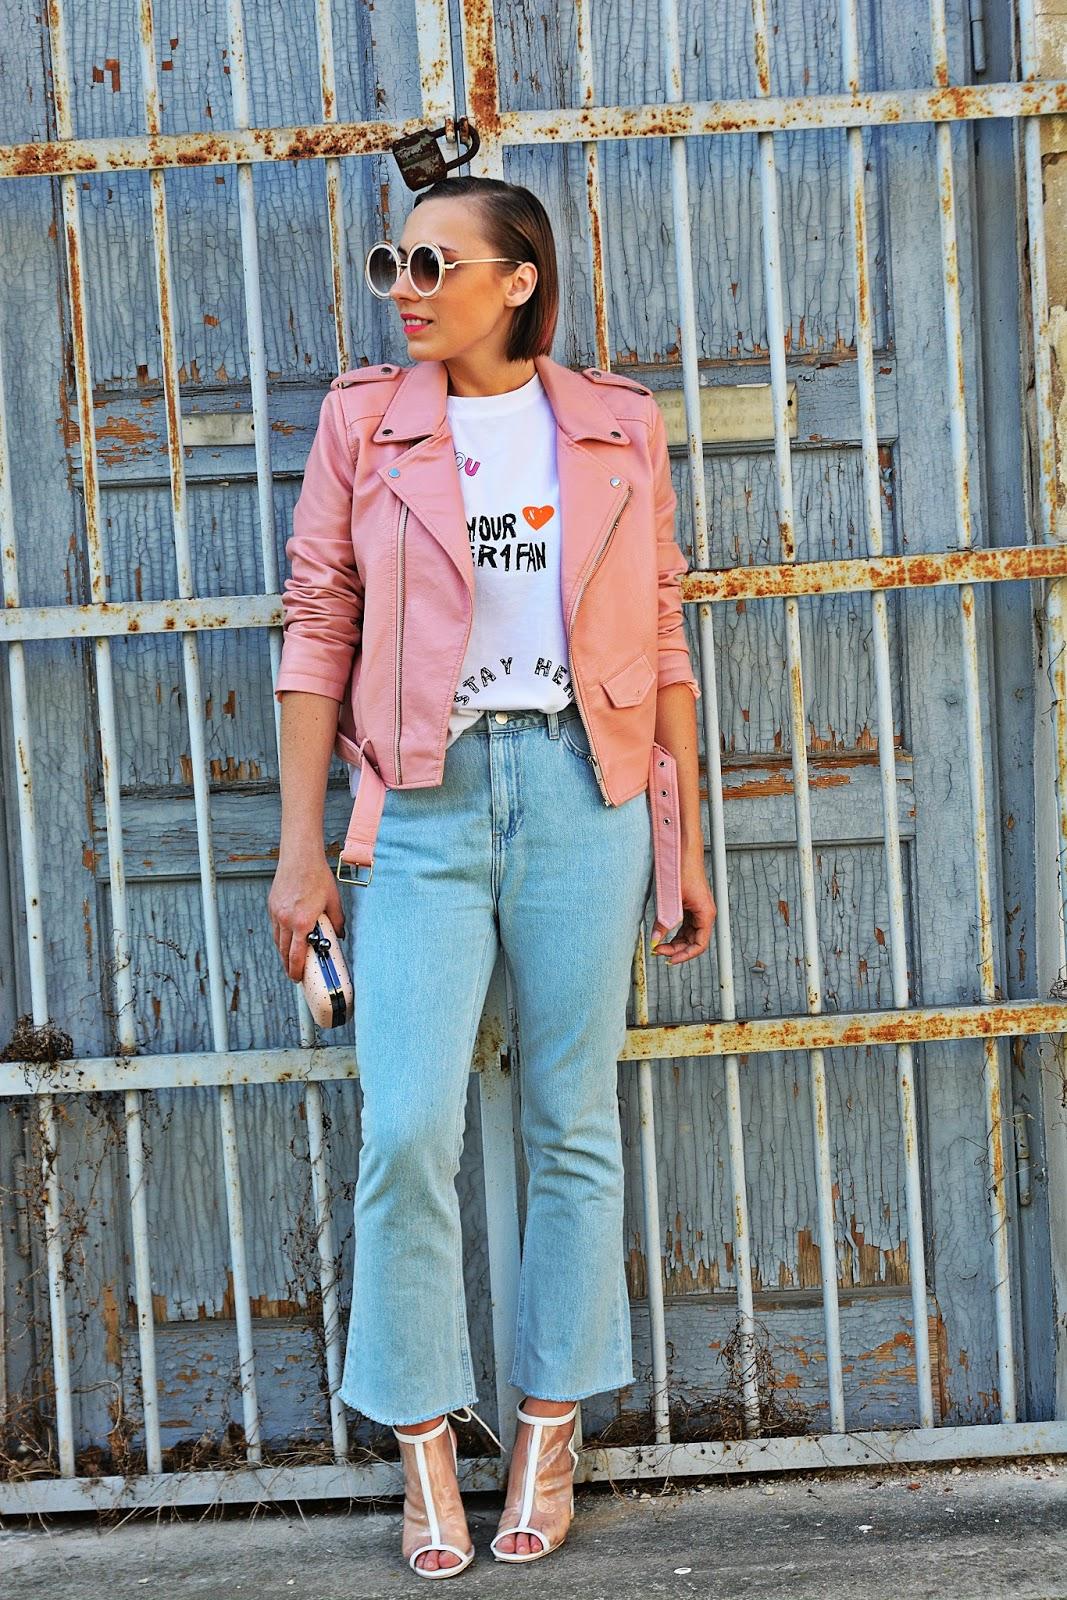 2_nakd_spodnie_jeansy_rozowa_ramoneska_przezroczyste_sandalki_renee_karyn_blog_modowy_220418